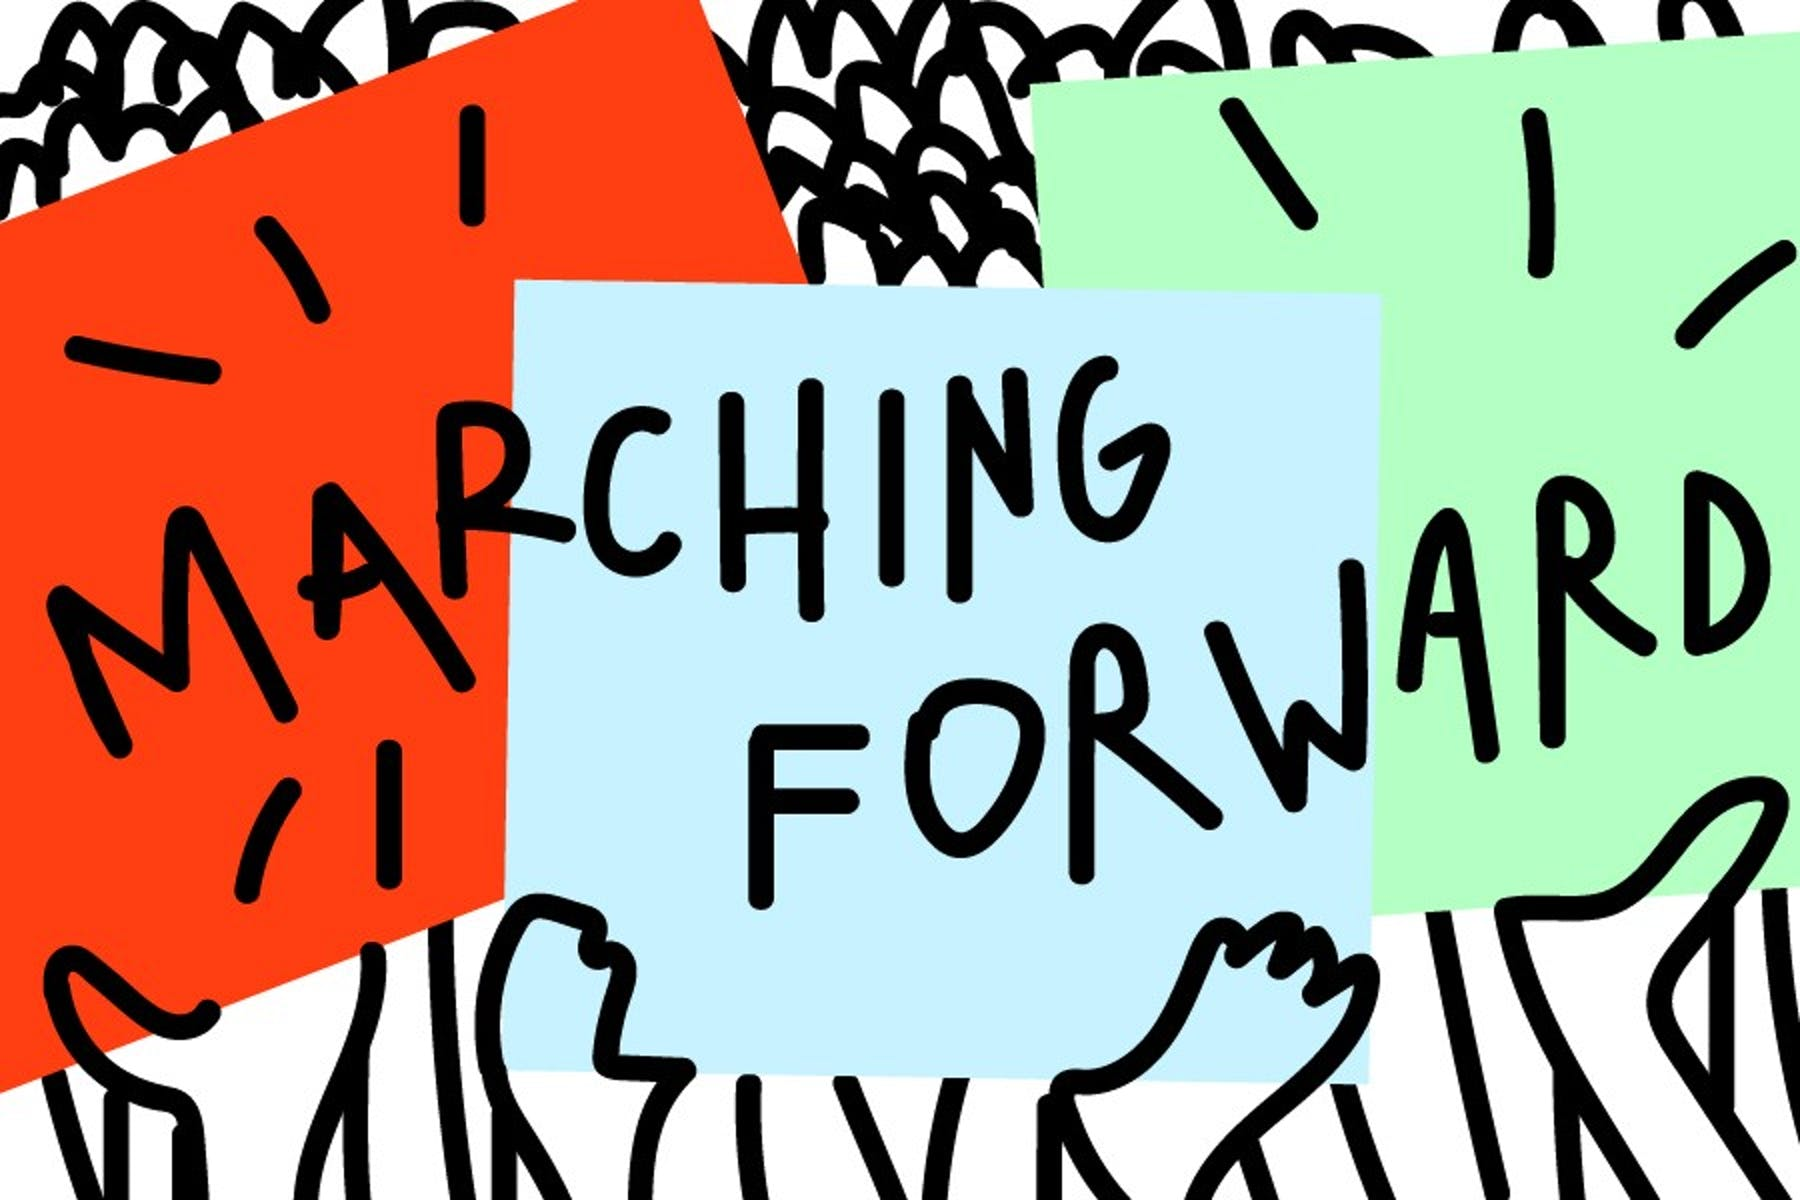 marching-forward